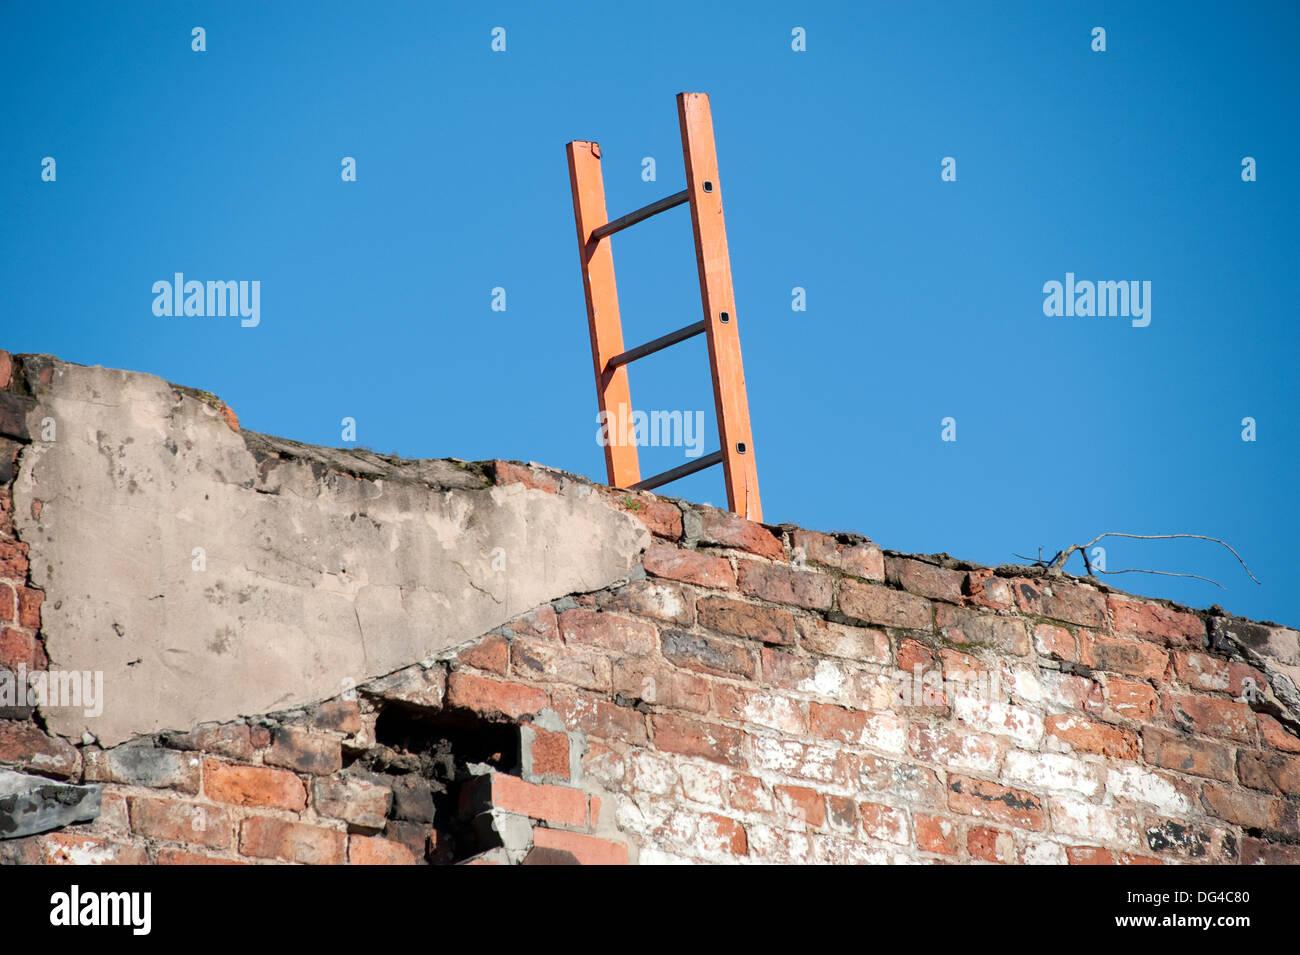 Mur de l'échelle surmonter grimper par-dessus en bois bleu ciel Photo Stock